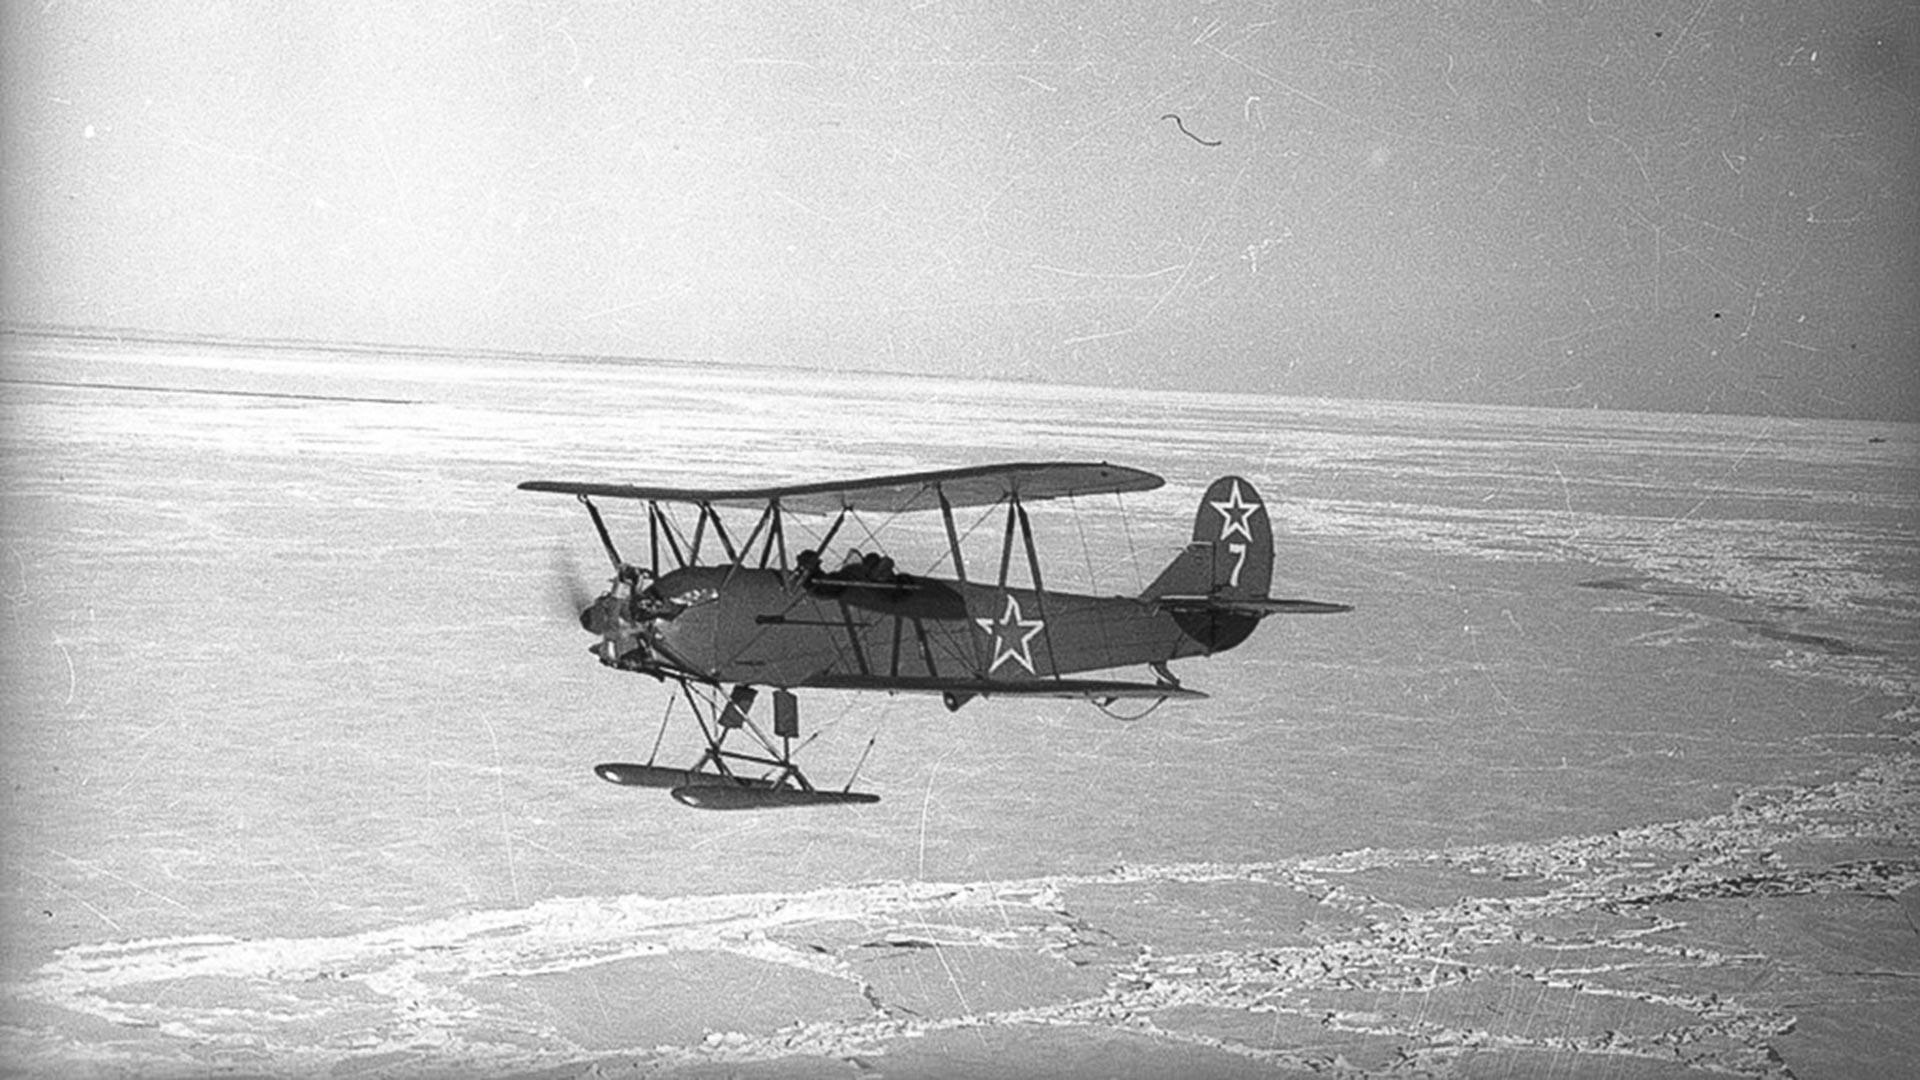 Avion U-2 br. 7 će oboriti neprijateljska PZO u noć uoči 1. kolovoza 1943. Posada (pilotkinja Polunjina Valentina Ivanovna i navigatorica Kaširina Glafira Aleksejevna) će poginuti.